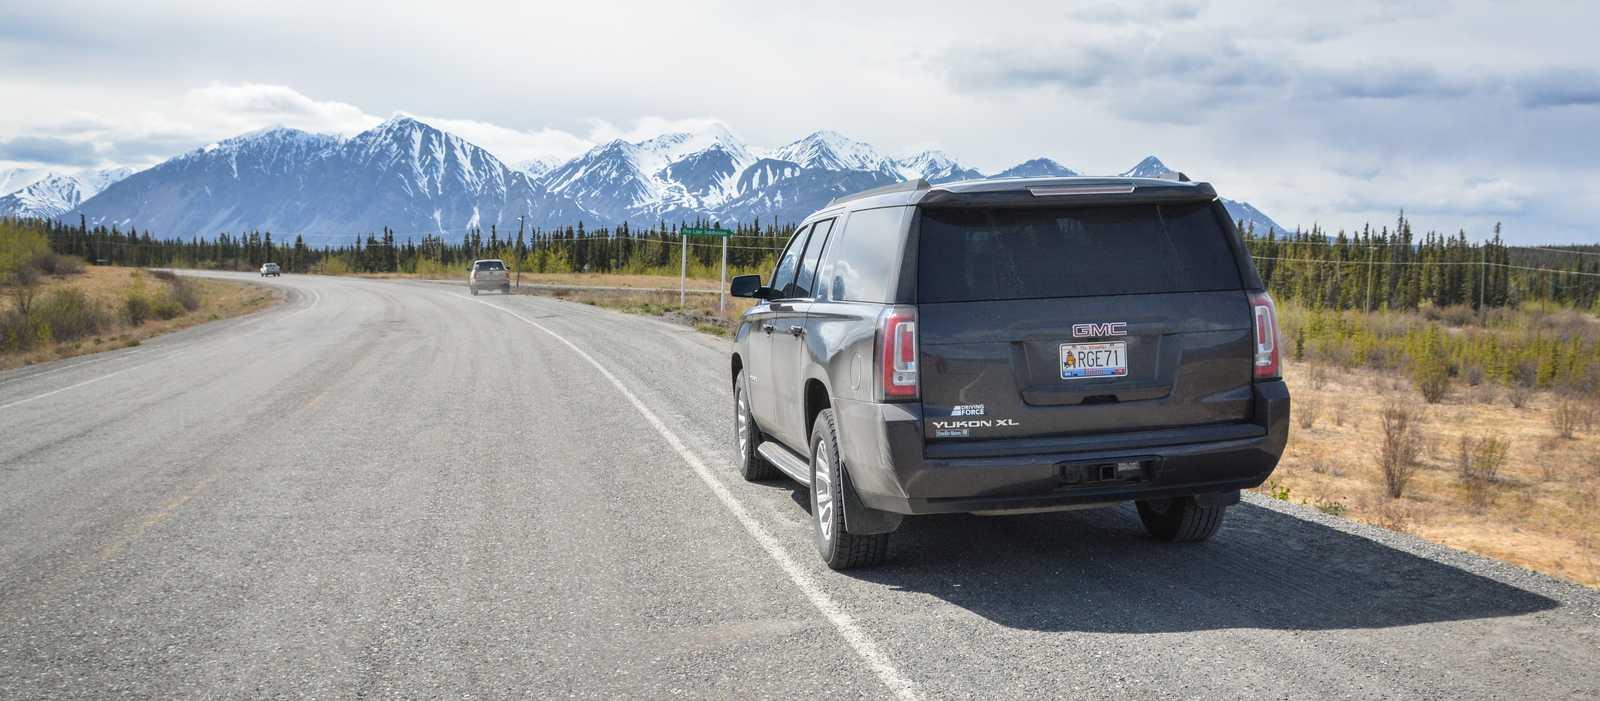 Mit einem Fullsize SUV von Driving Force unterwegs im Yukon